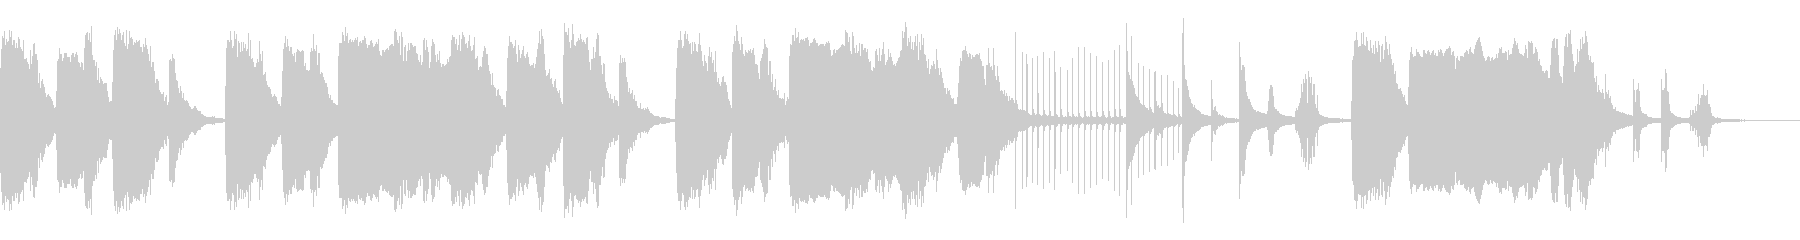 シーン・コミカル・ループ・オーケストラの未再生の波形